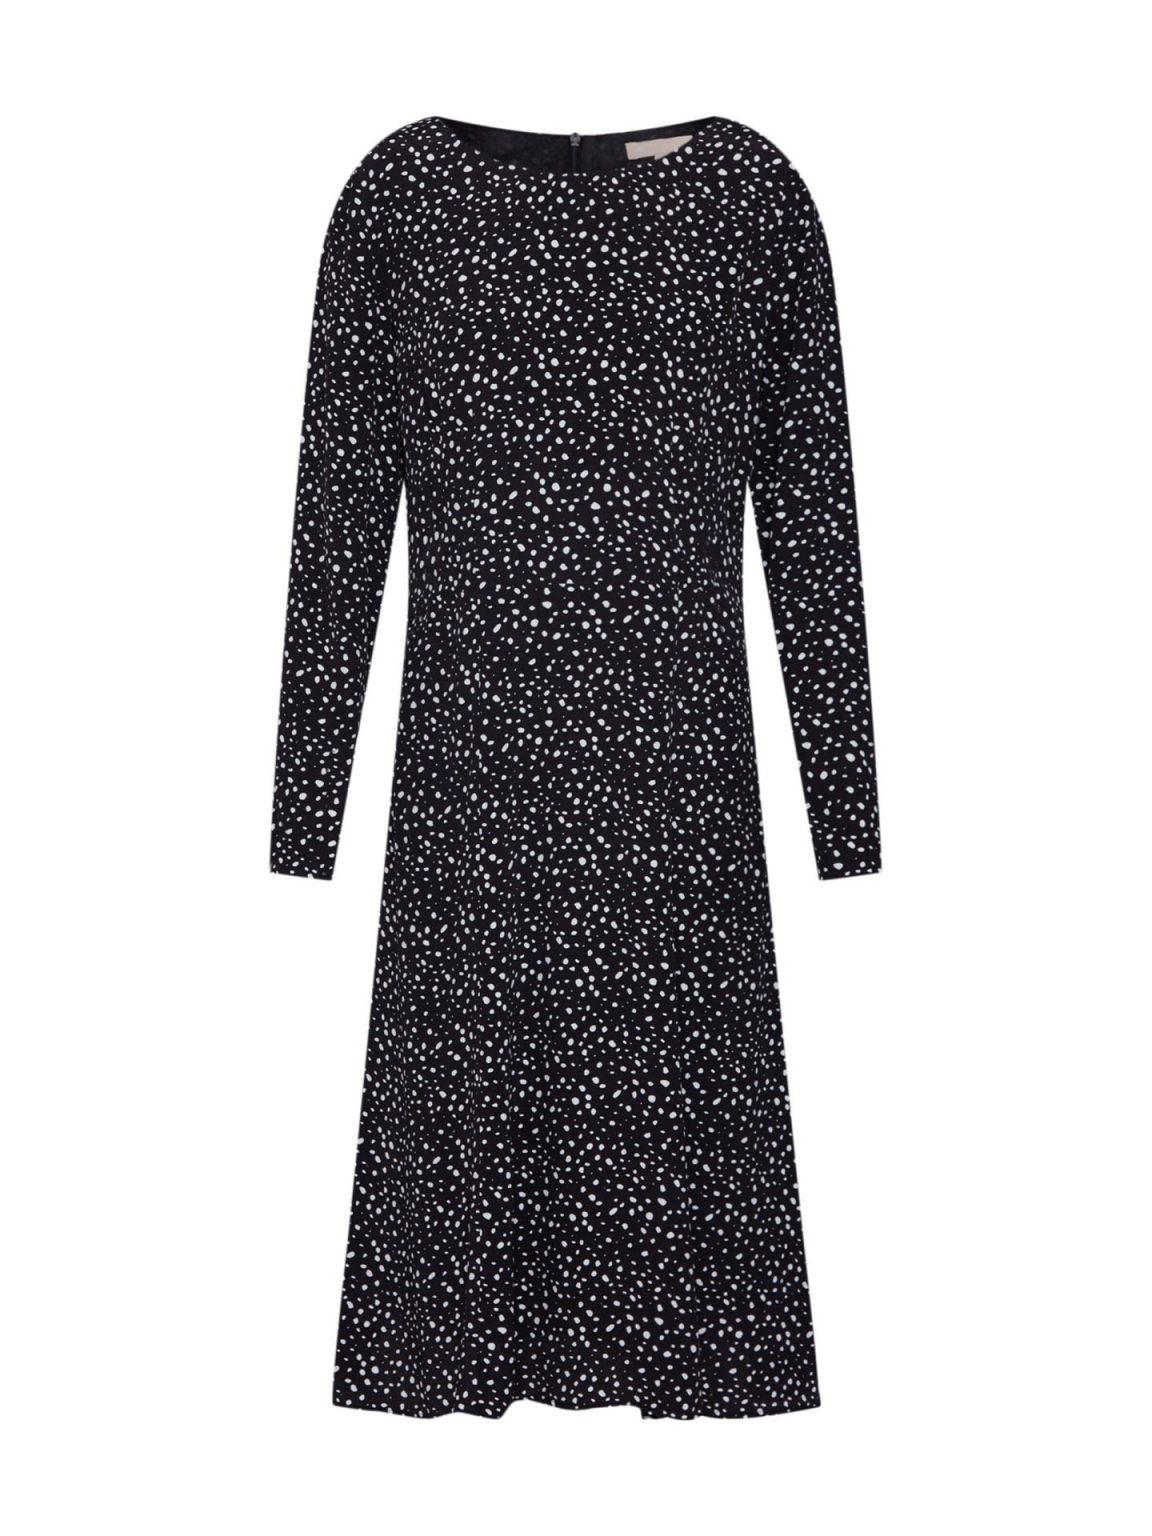 abend schön kleid schwarz weiß vertrieb - abendkleid